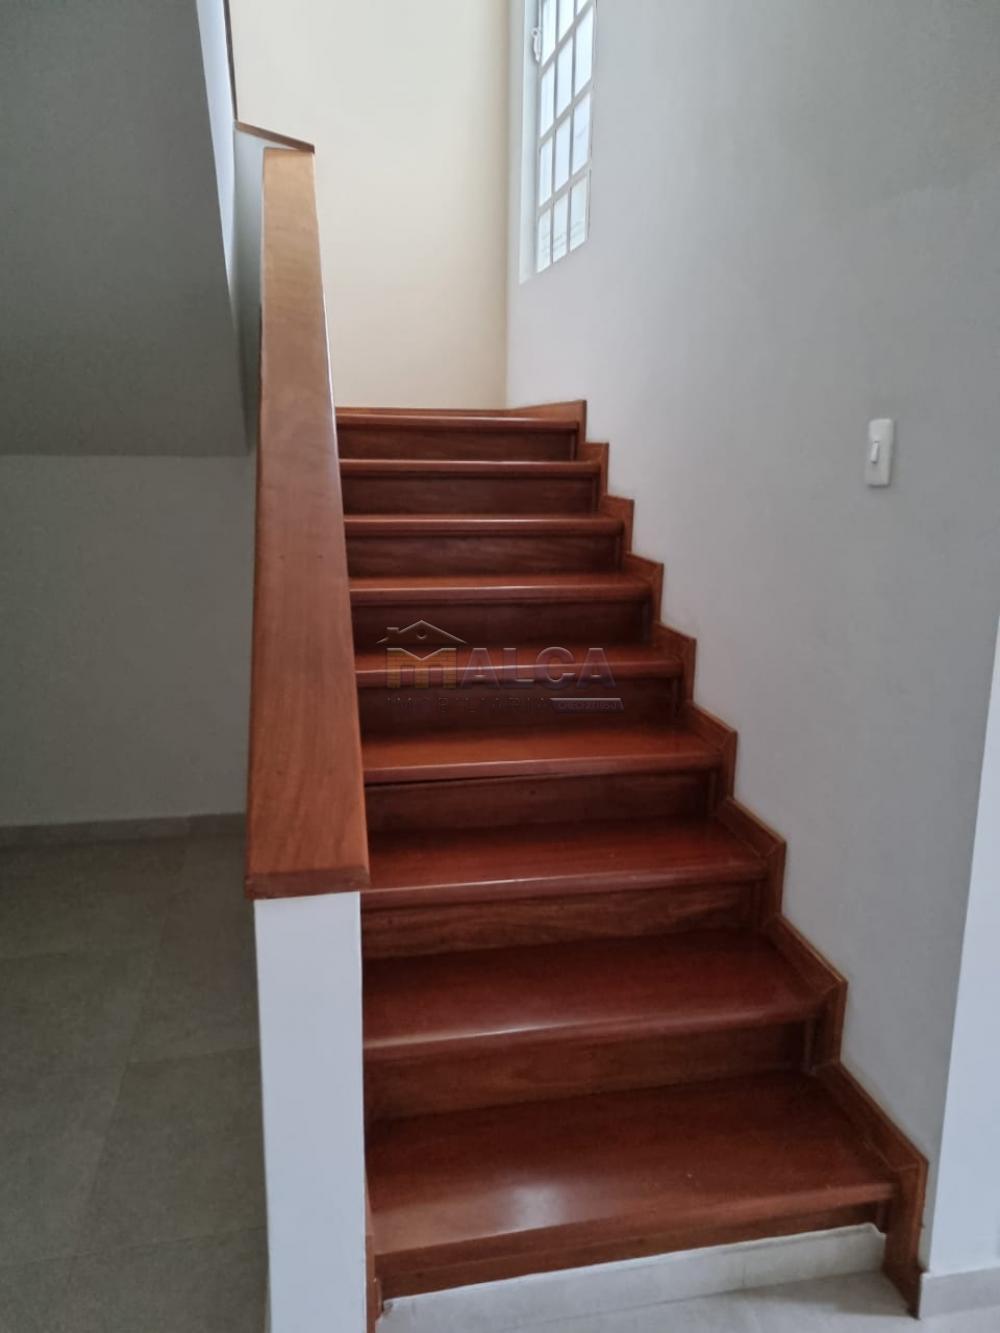 Alugar Casas / Padrão em São José do Rio Pardo R$ 2.950,00 - Foto 10